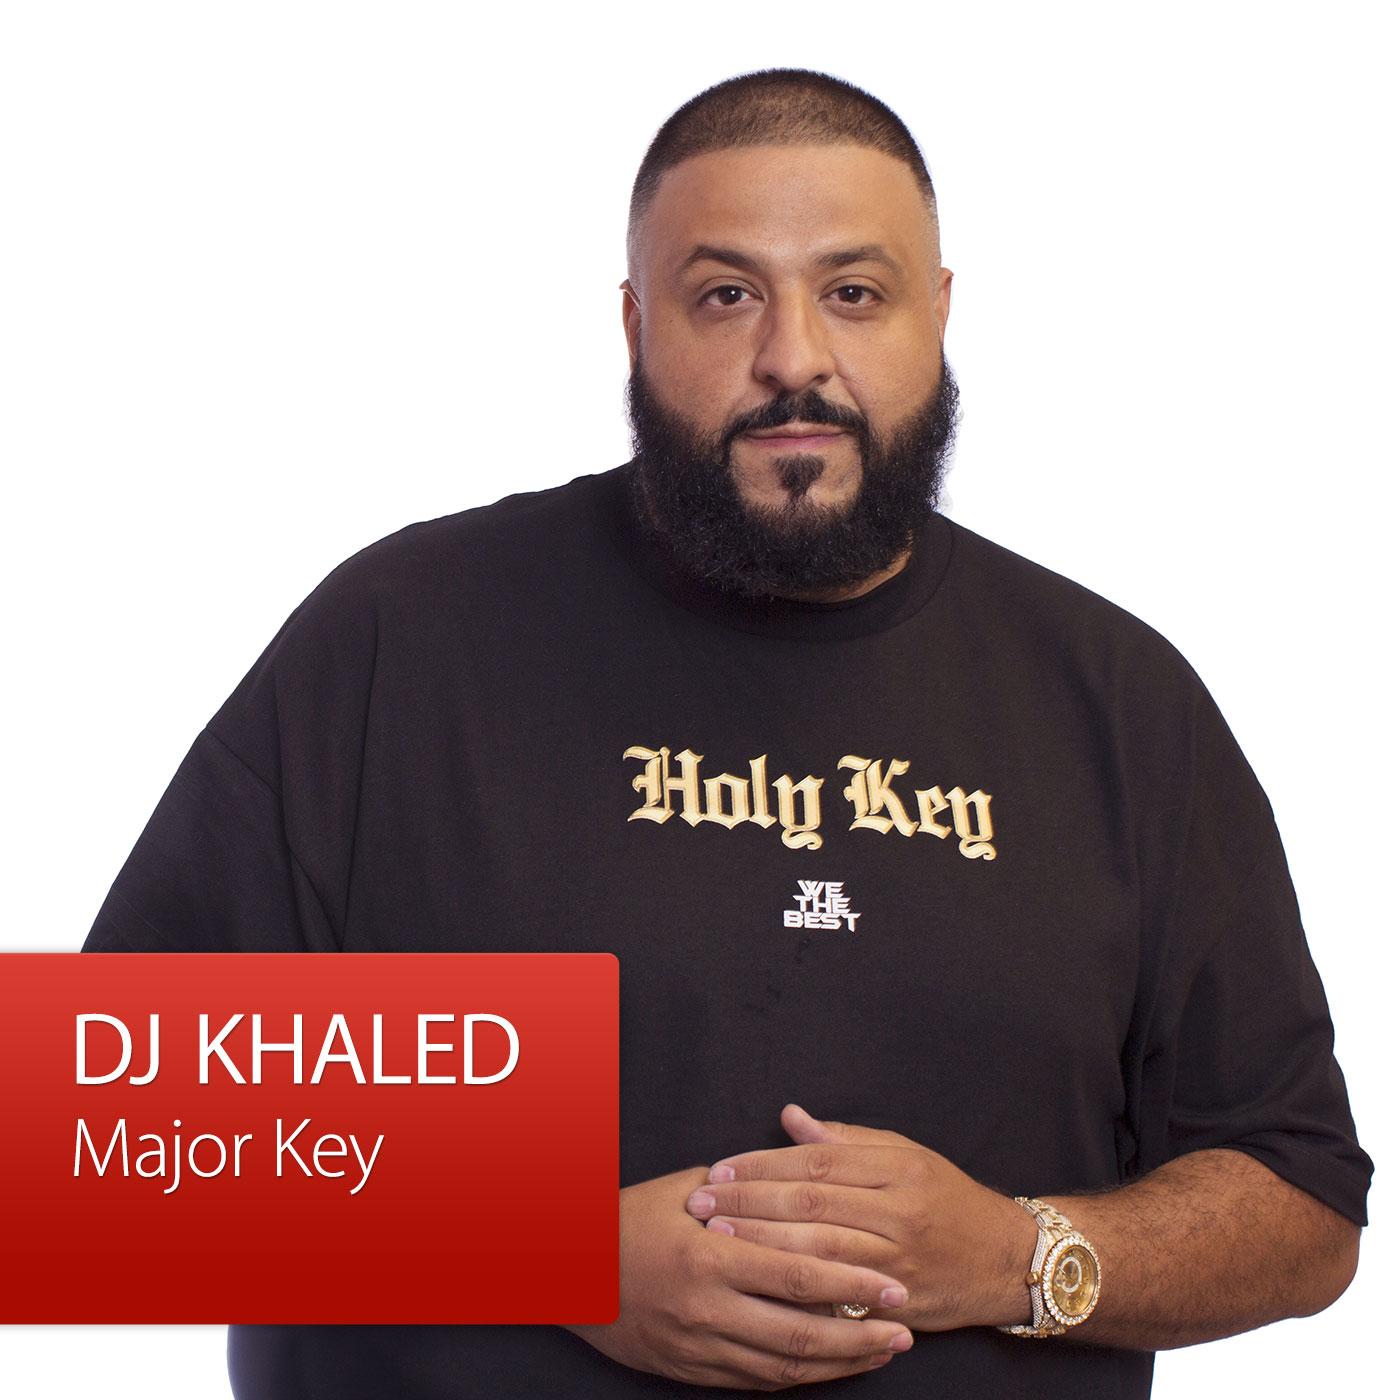 DJ Khaled: Meet the Musician